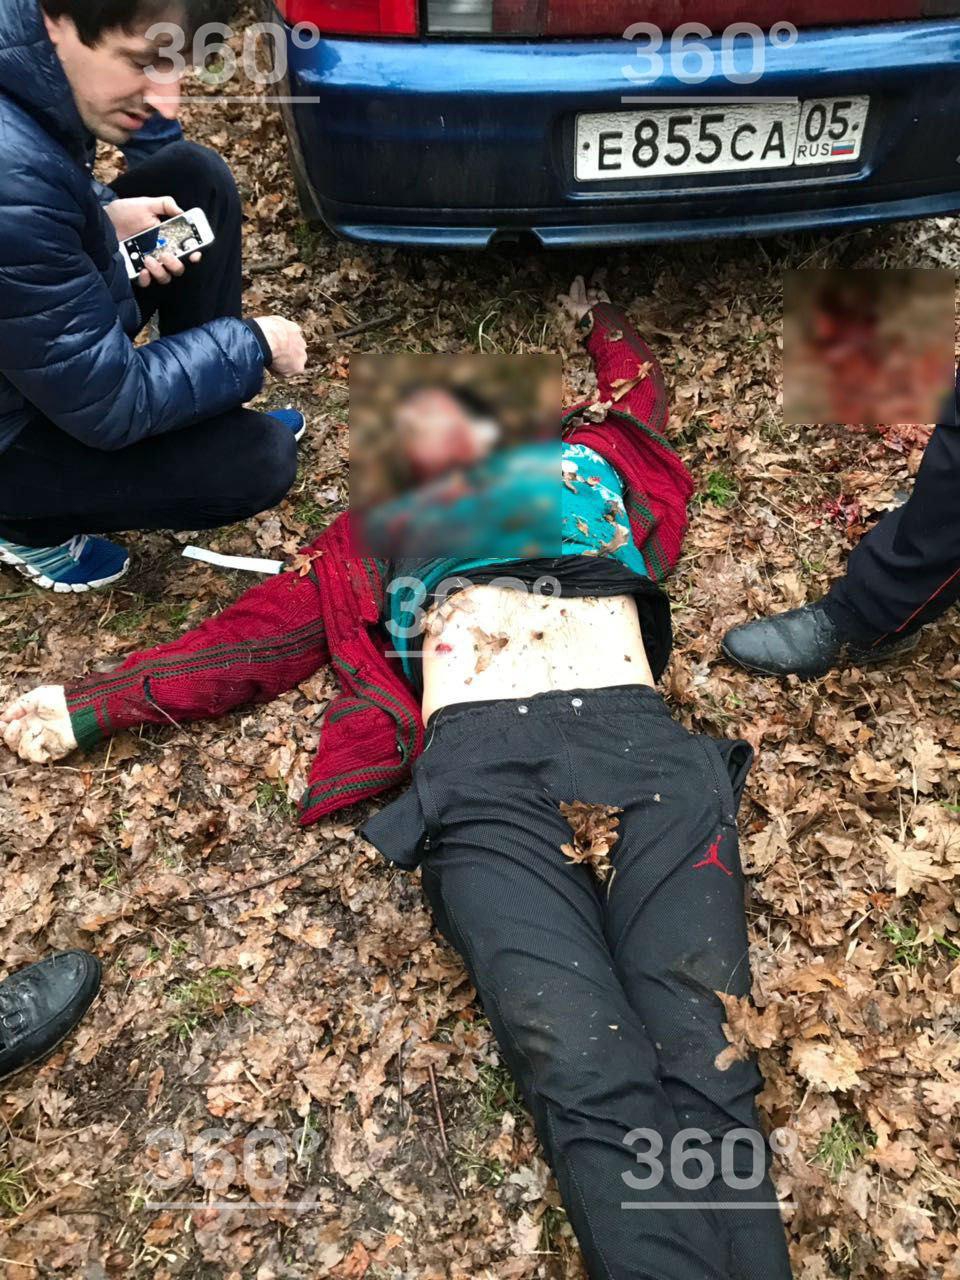 Появились фотографии с места убийства дагестанских силовиков | Изображение 1